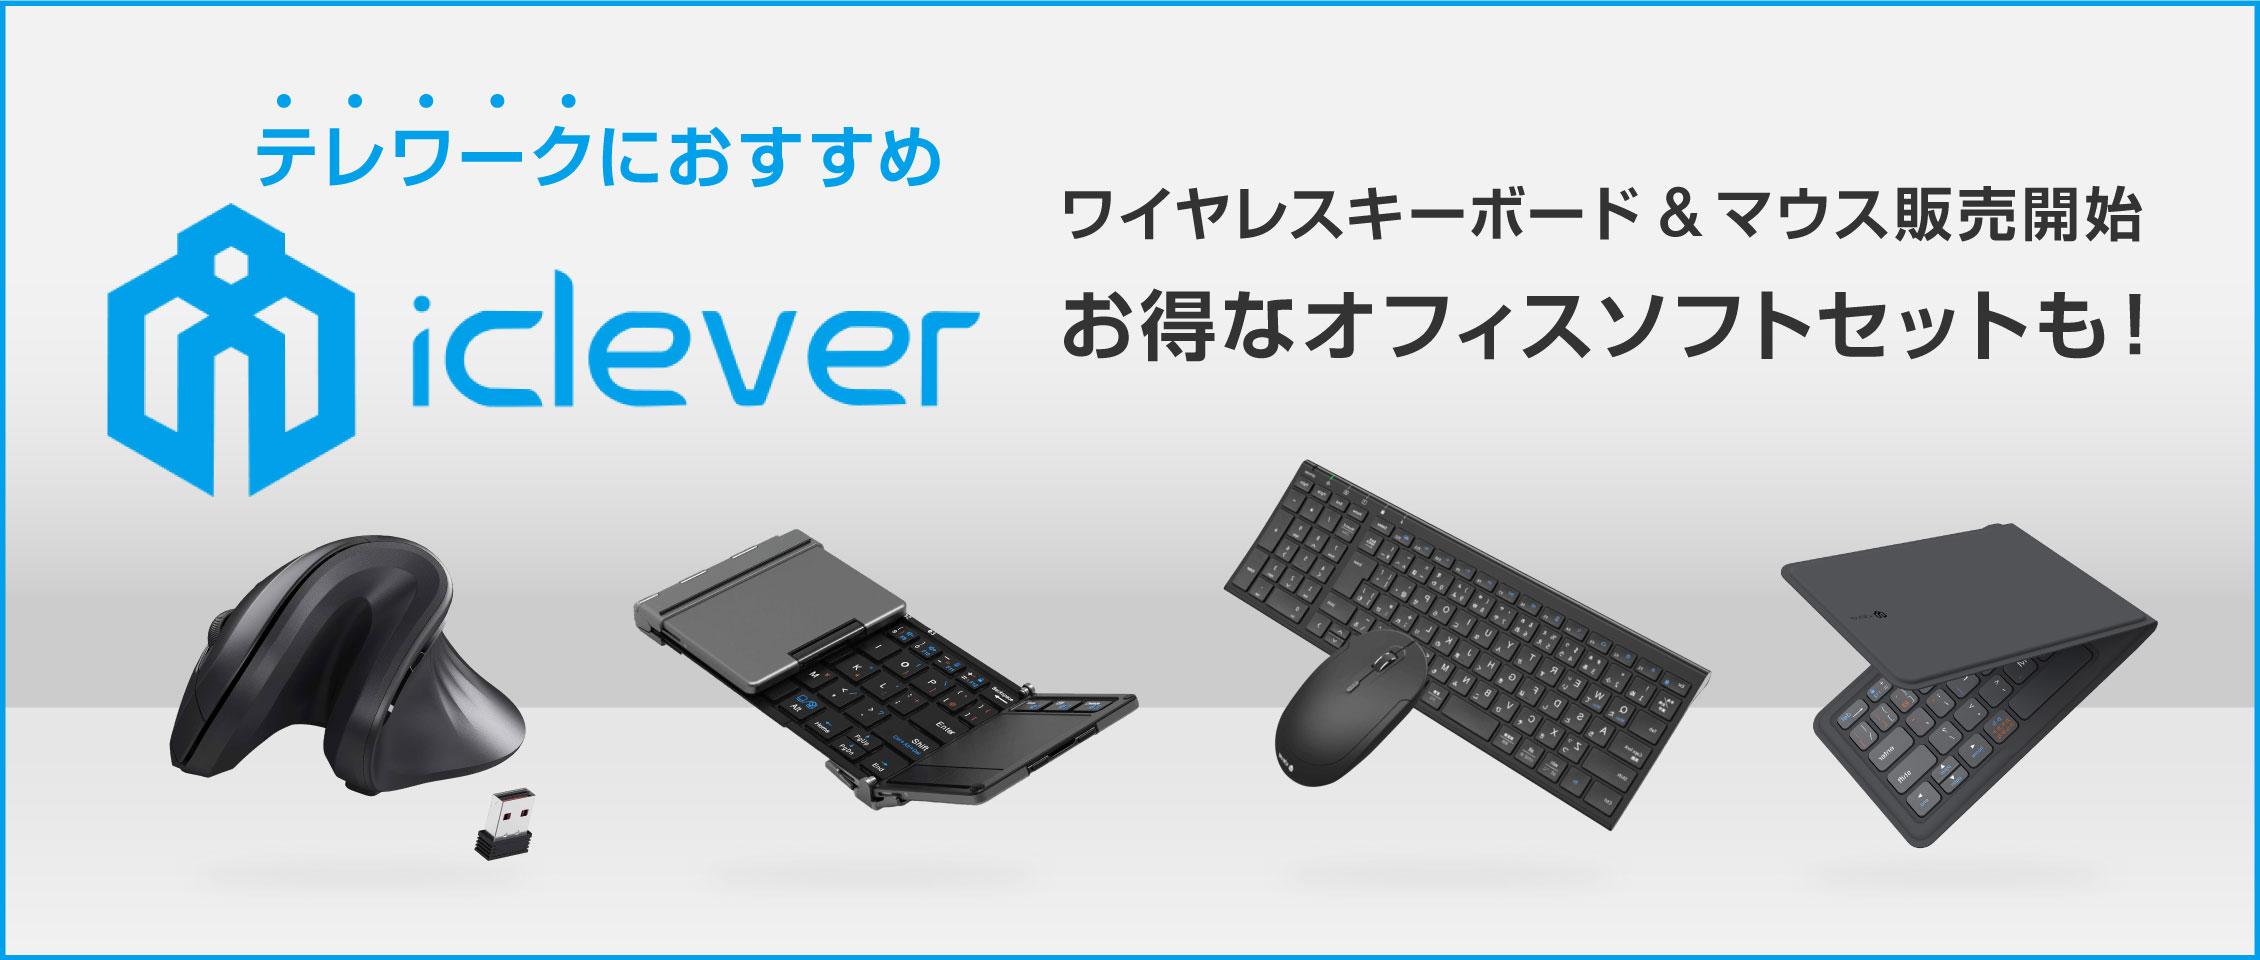 ワイヤレスキーボードマウスiClever